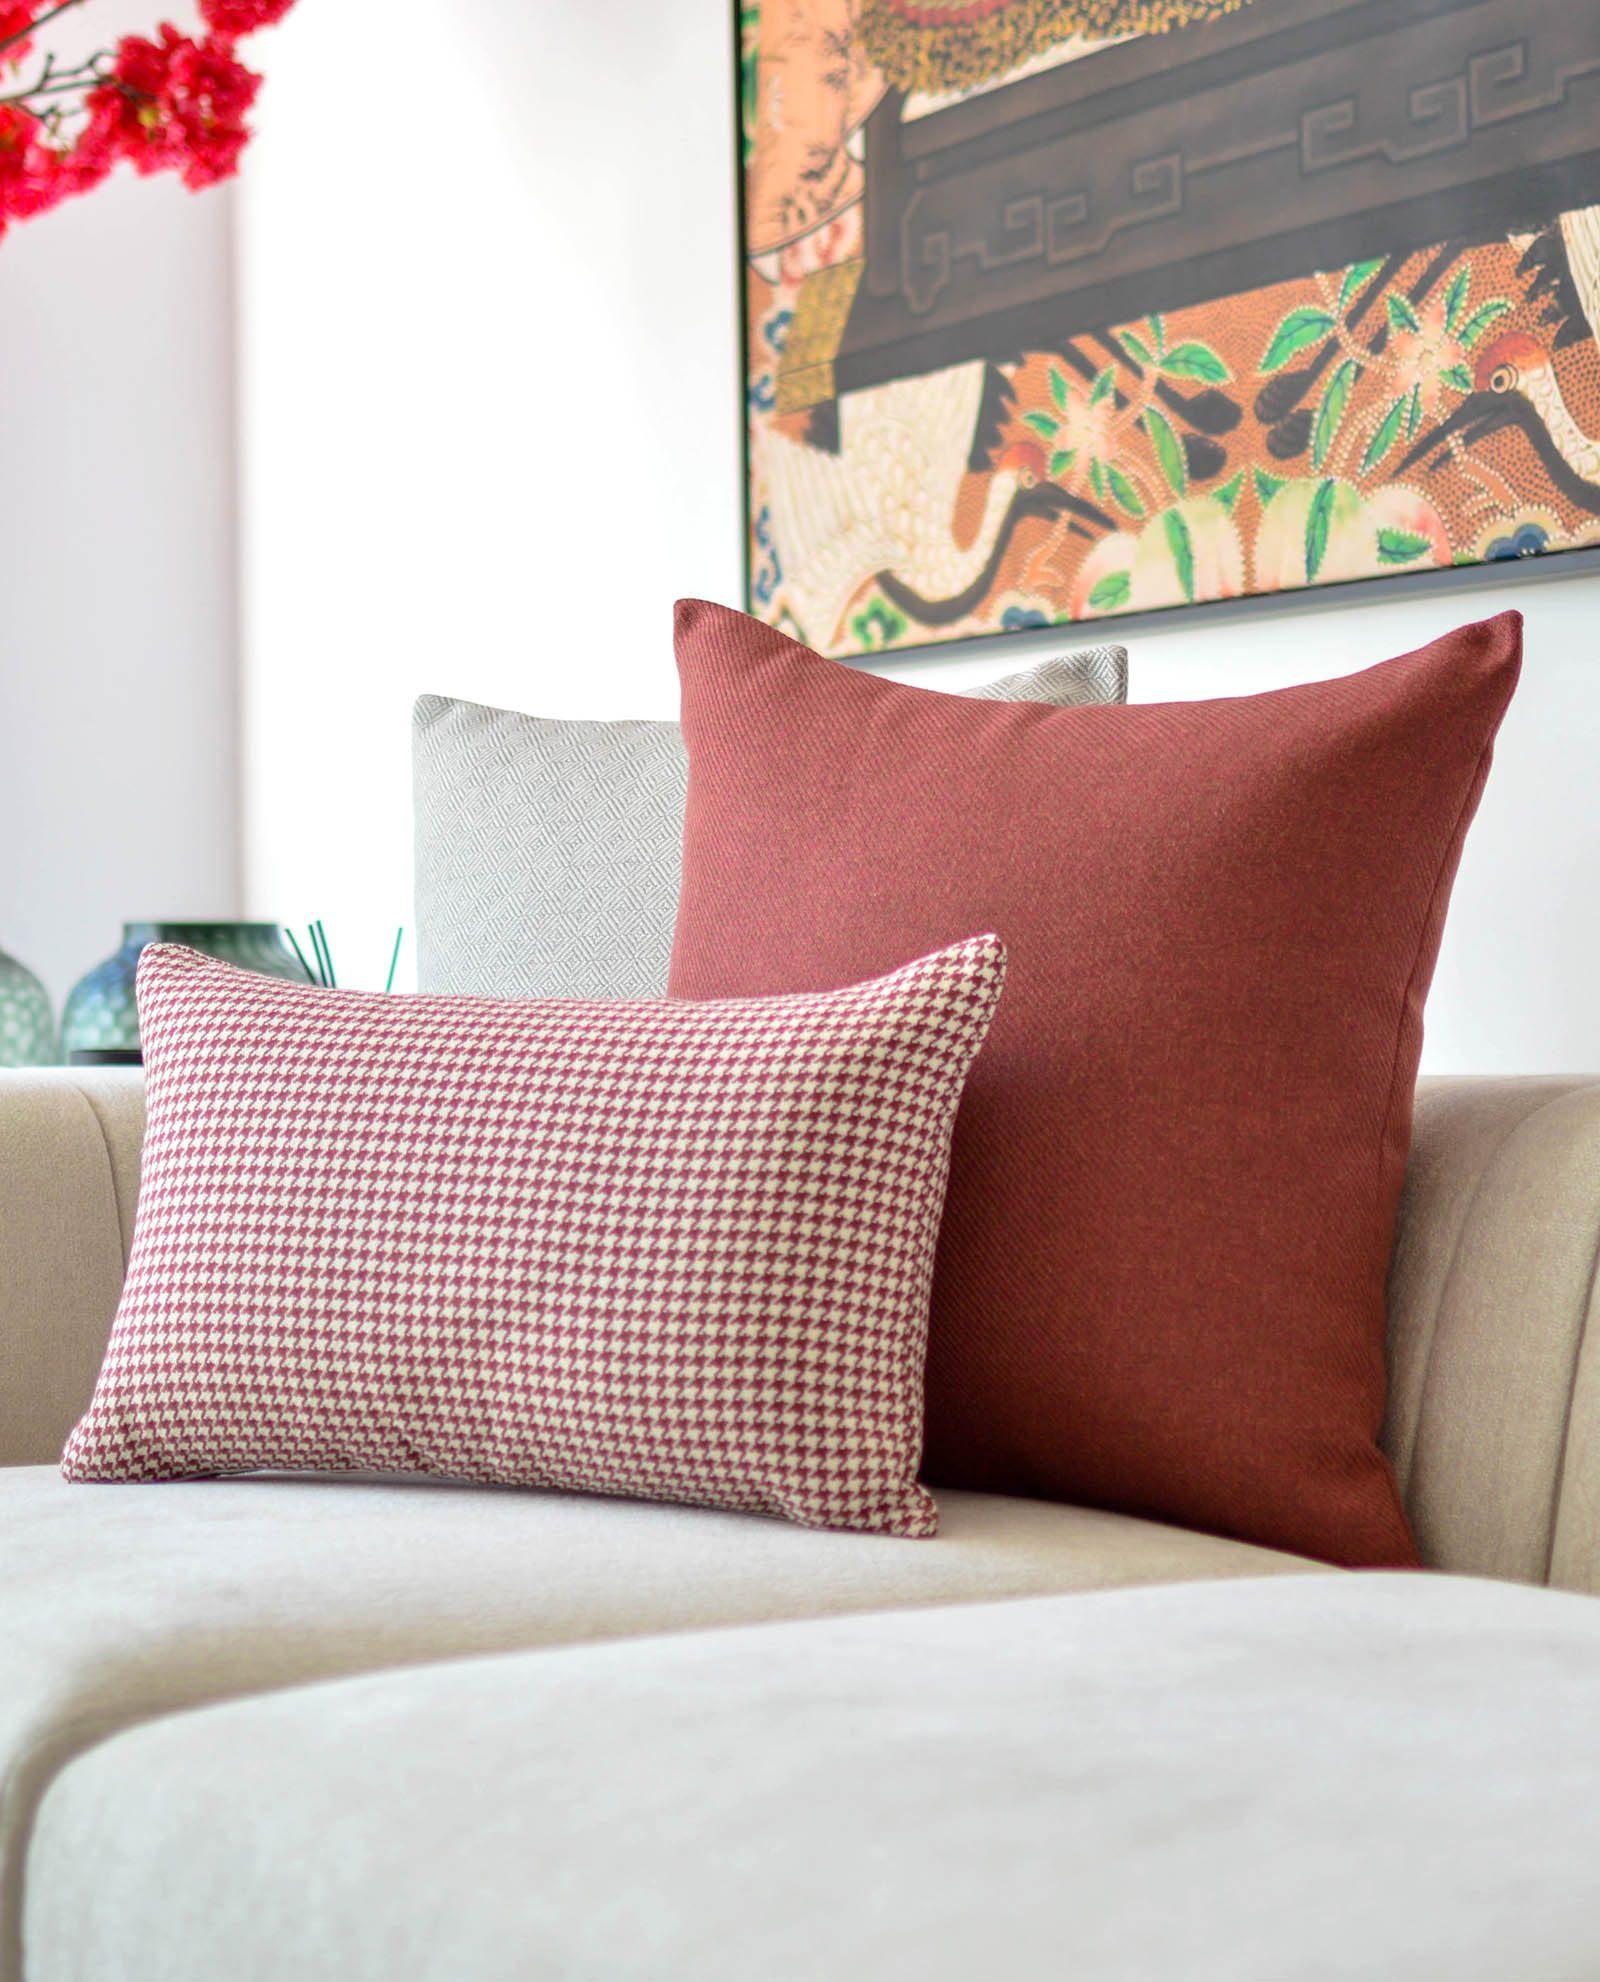 almofada padrão em vermelho